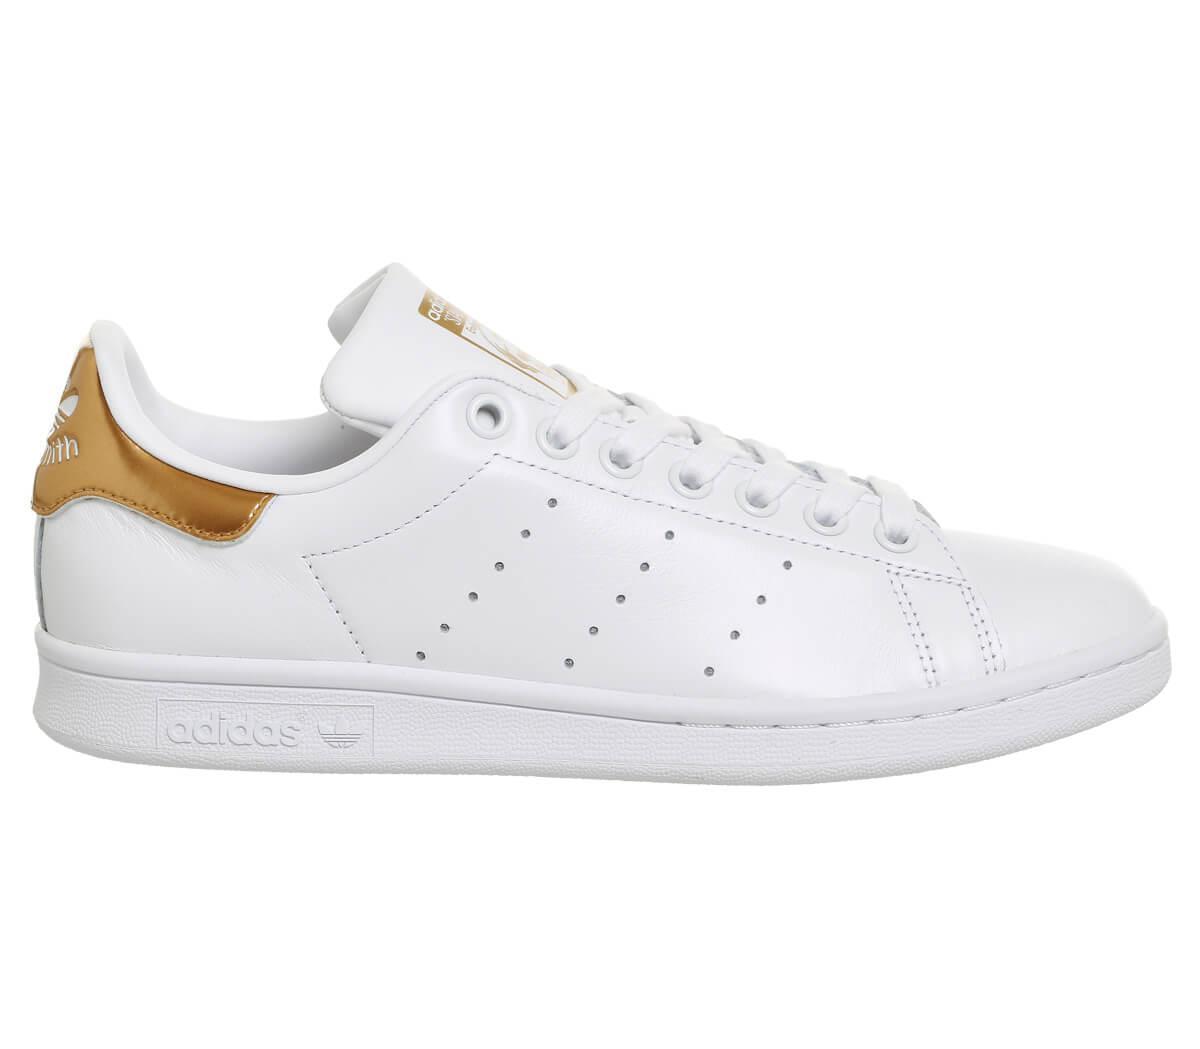 Кроссовки Adidas Stan Smith White Gold